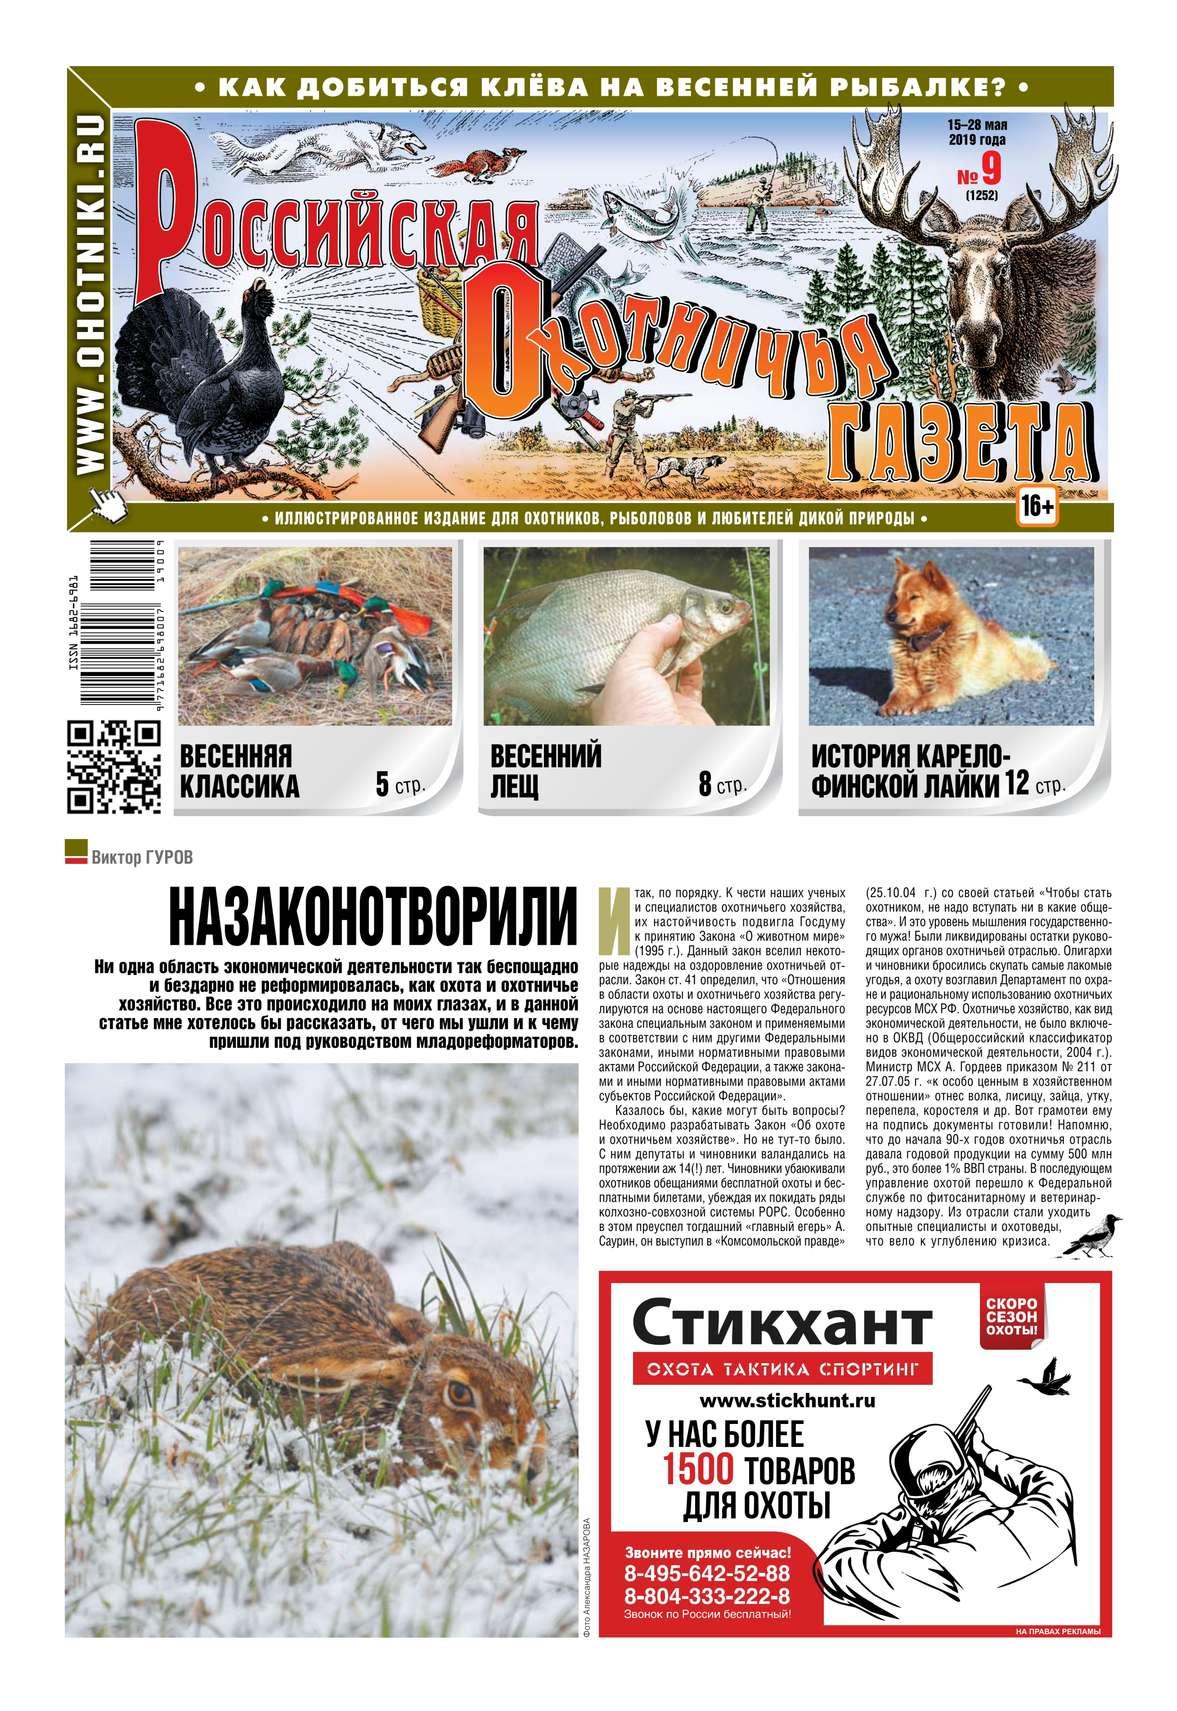 Редакция газеты Российская Охотничья Газета Российская Охотничья Газета 09-2019 цены